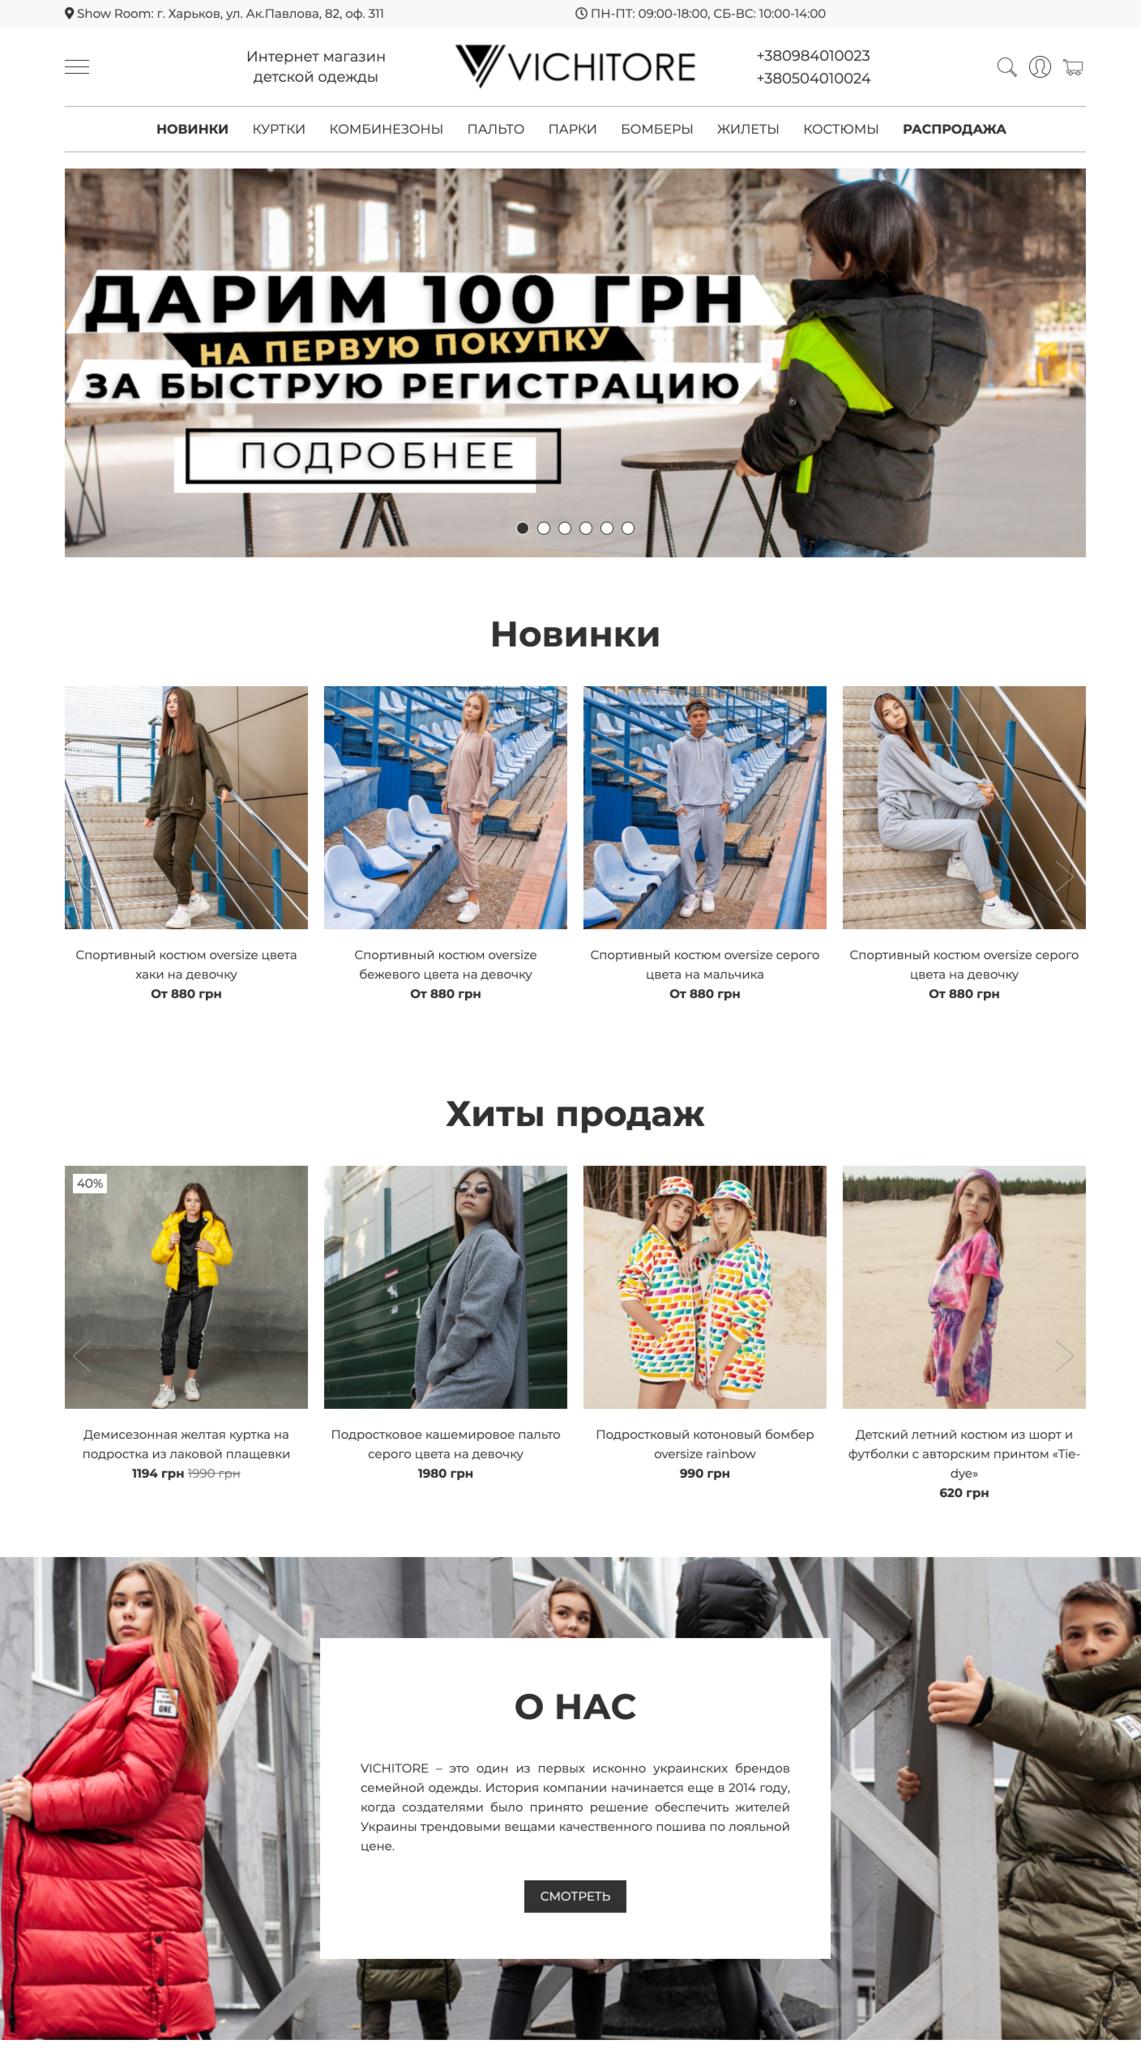 Интернет-магазин детской одежды vichitore.com